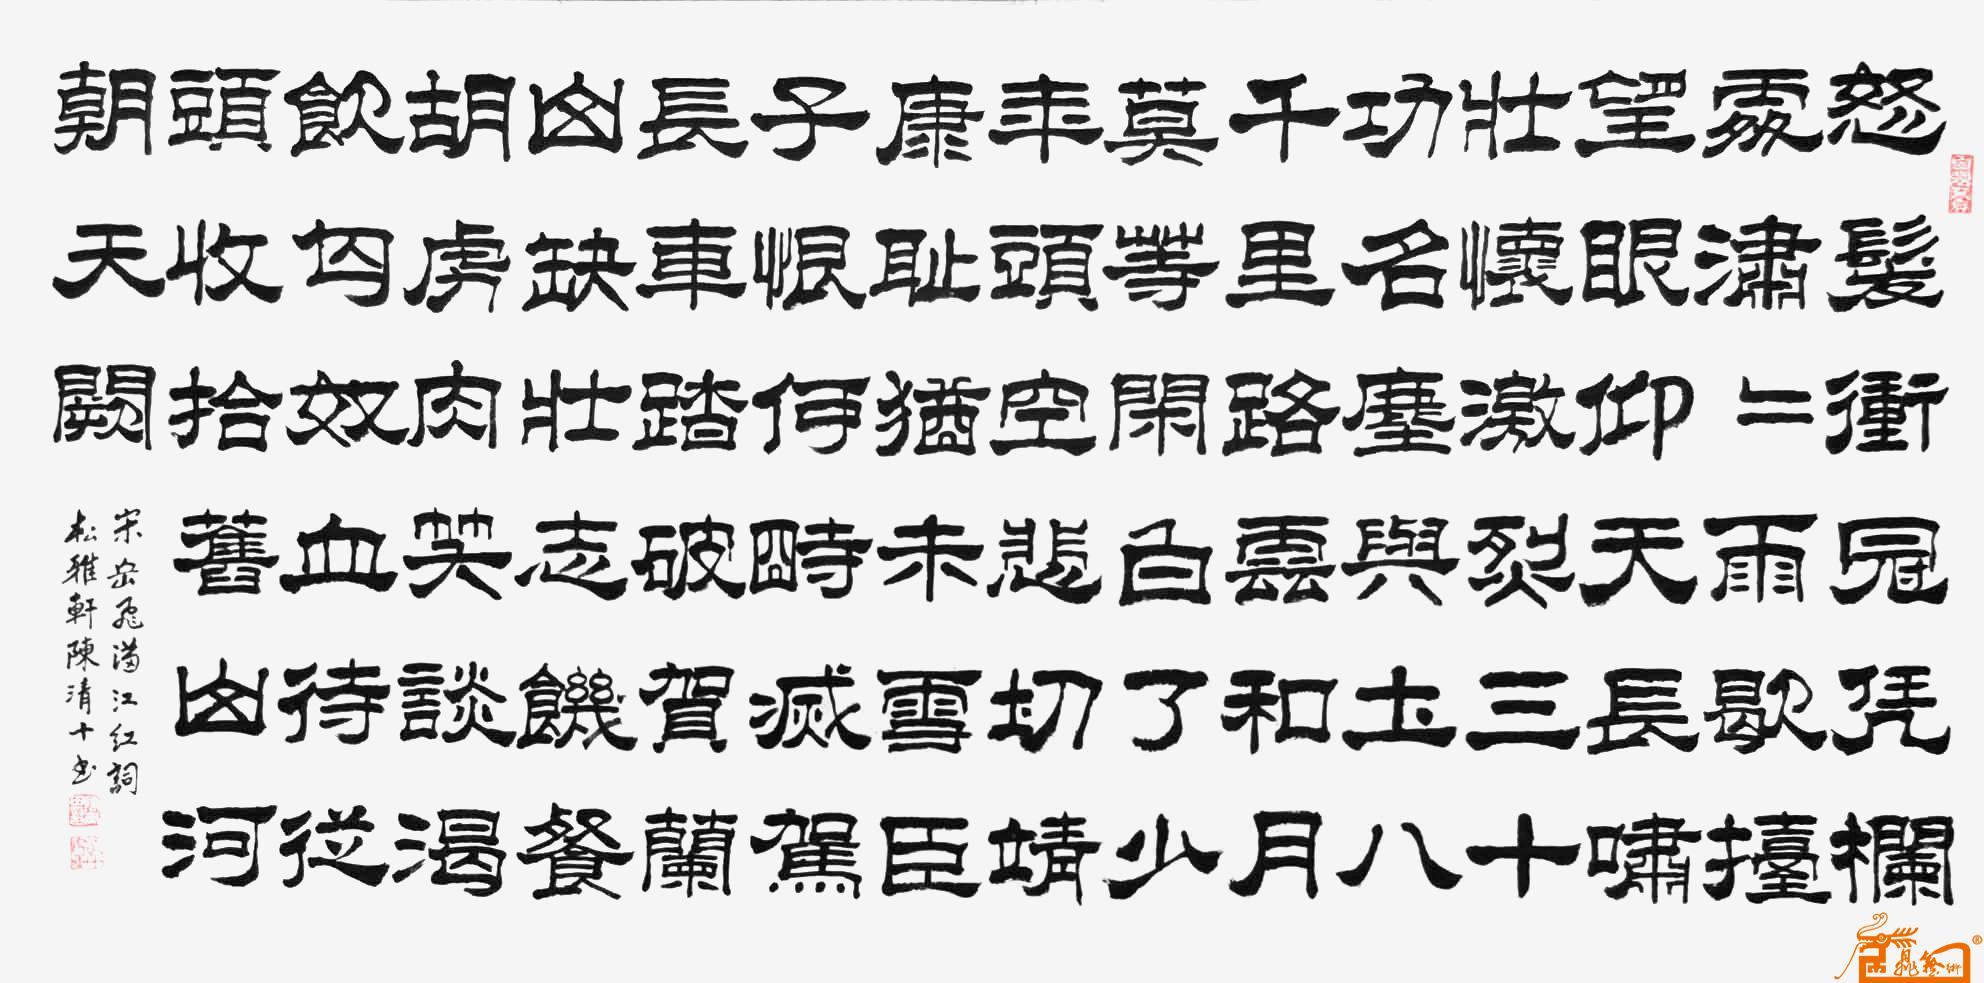 臧天朔梦蝶词曲谱